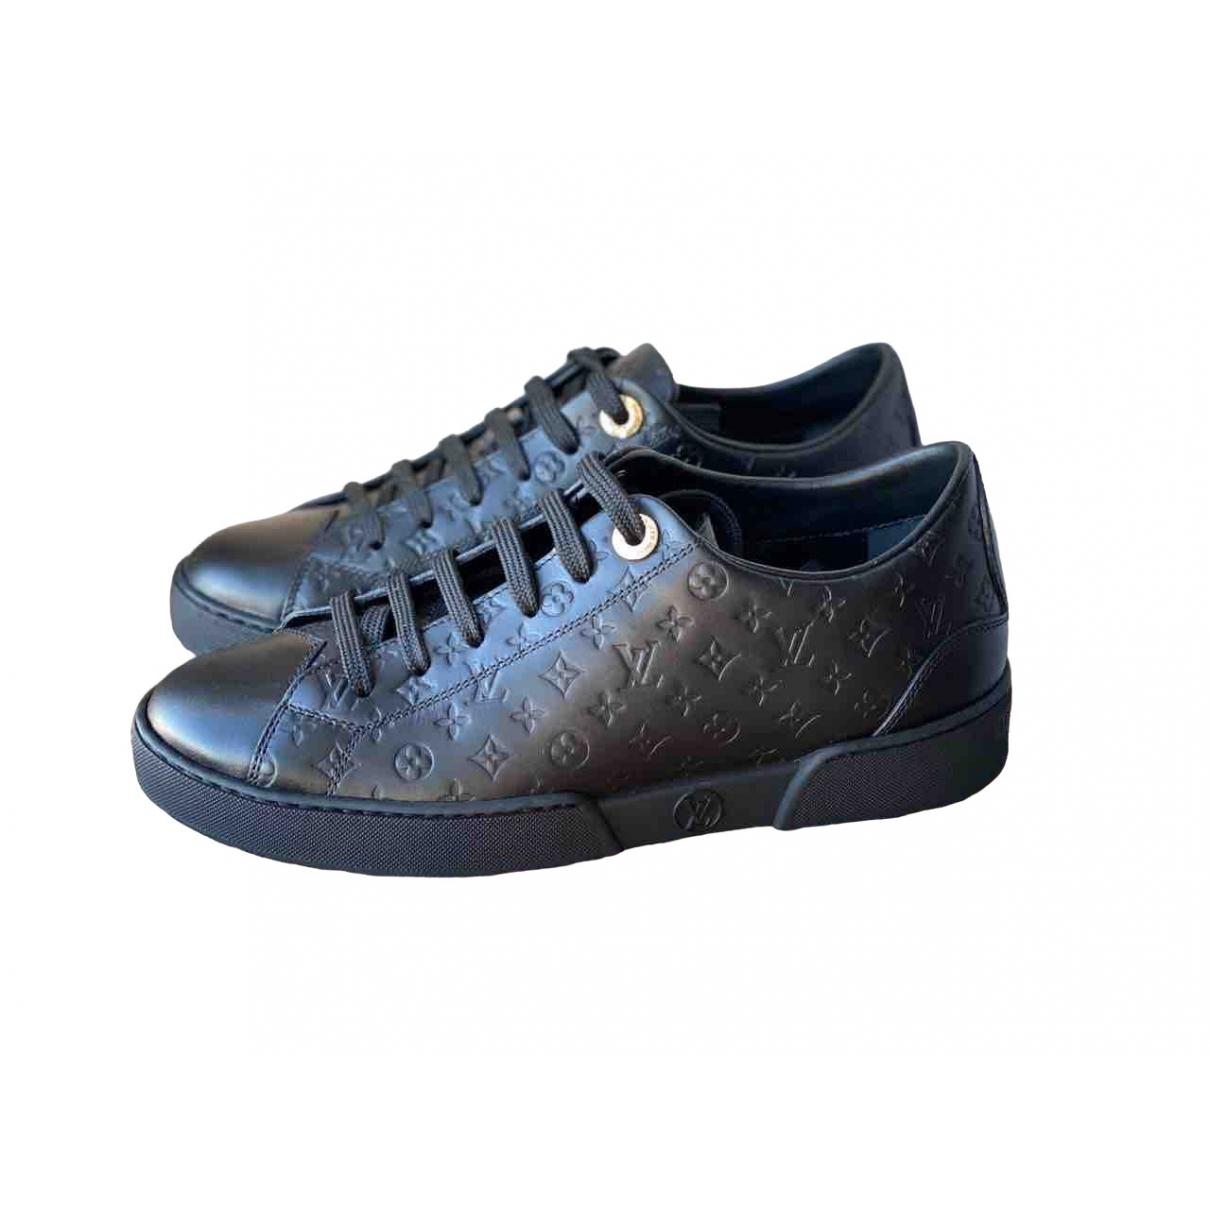 Louis Vuitton - Baskets FrontRow pour femme en cuir - noir